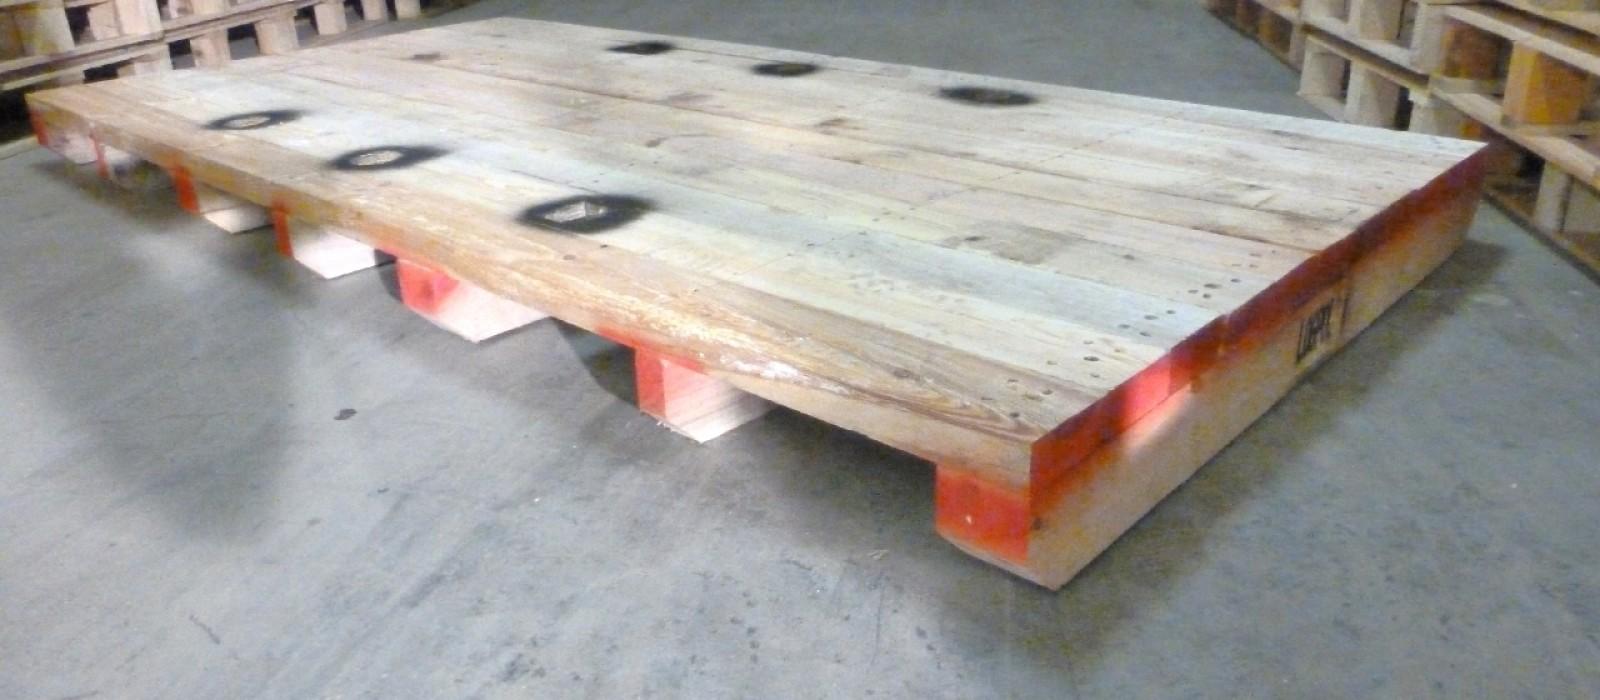 Schwerlast-Holzpalette-für-Walze-bzw.-zum-Transport-von-Maschinen